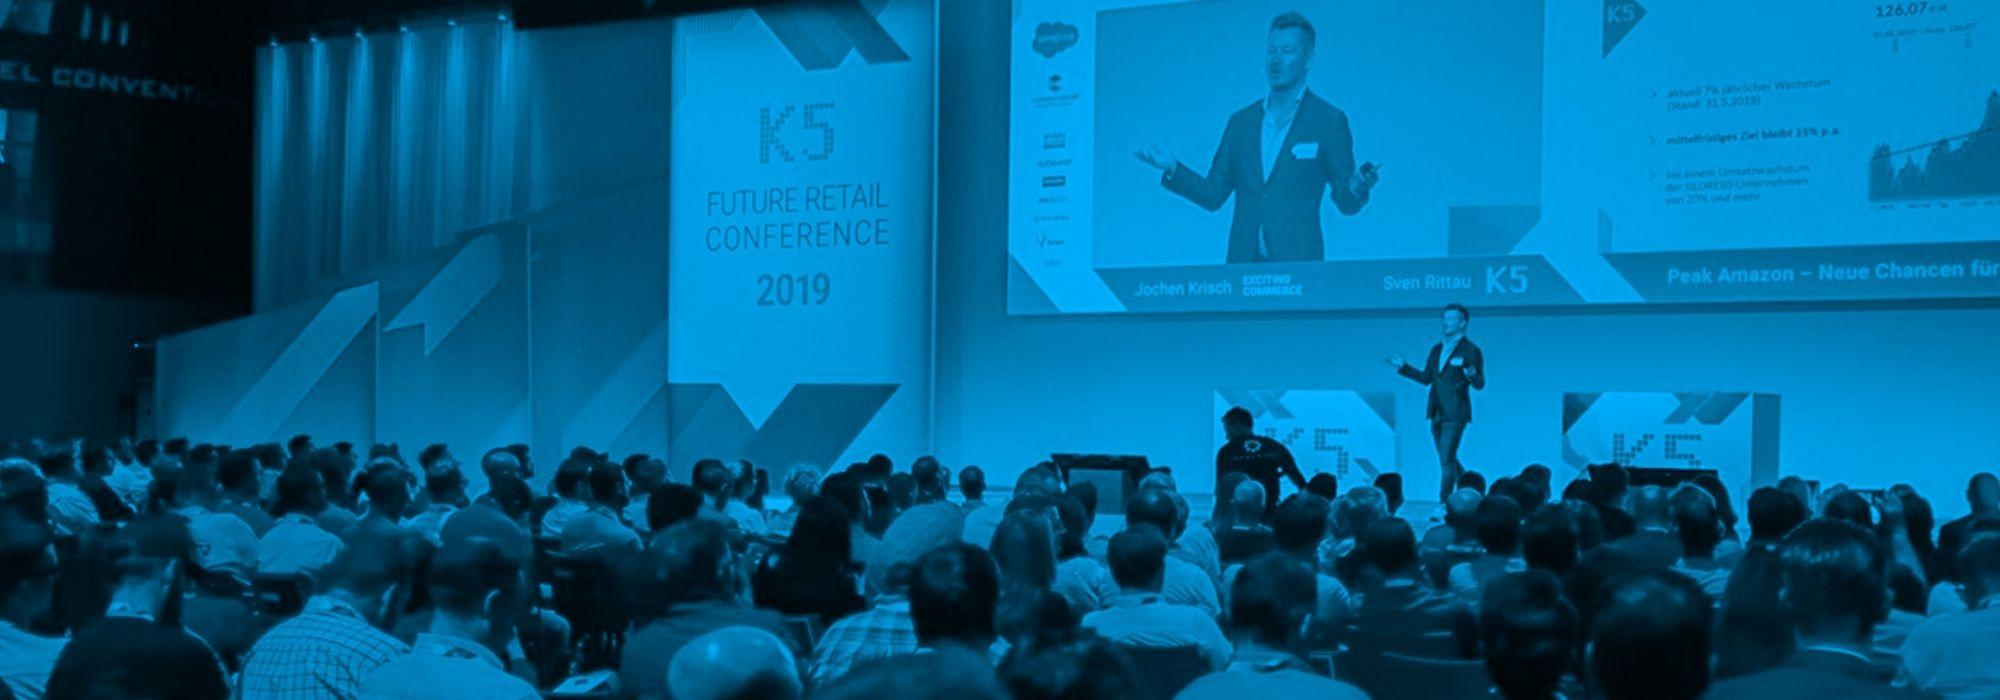 Bild der letzten K5 Konferenz 2019